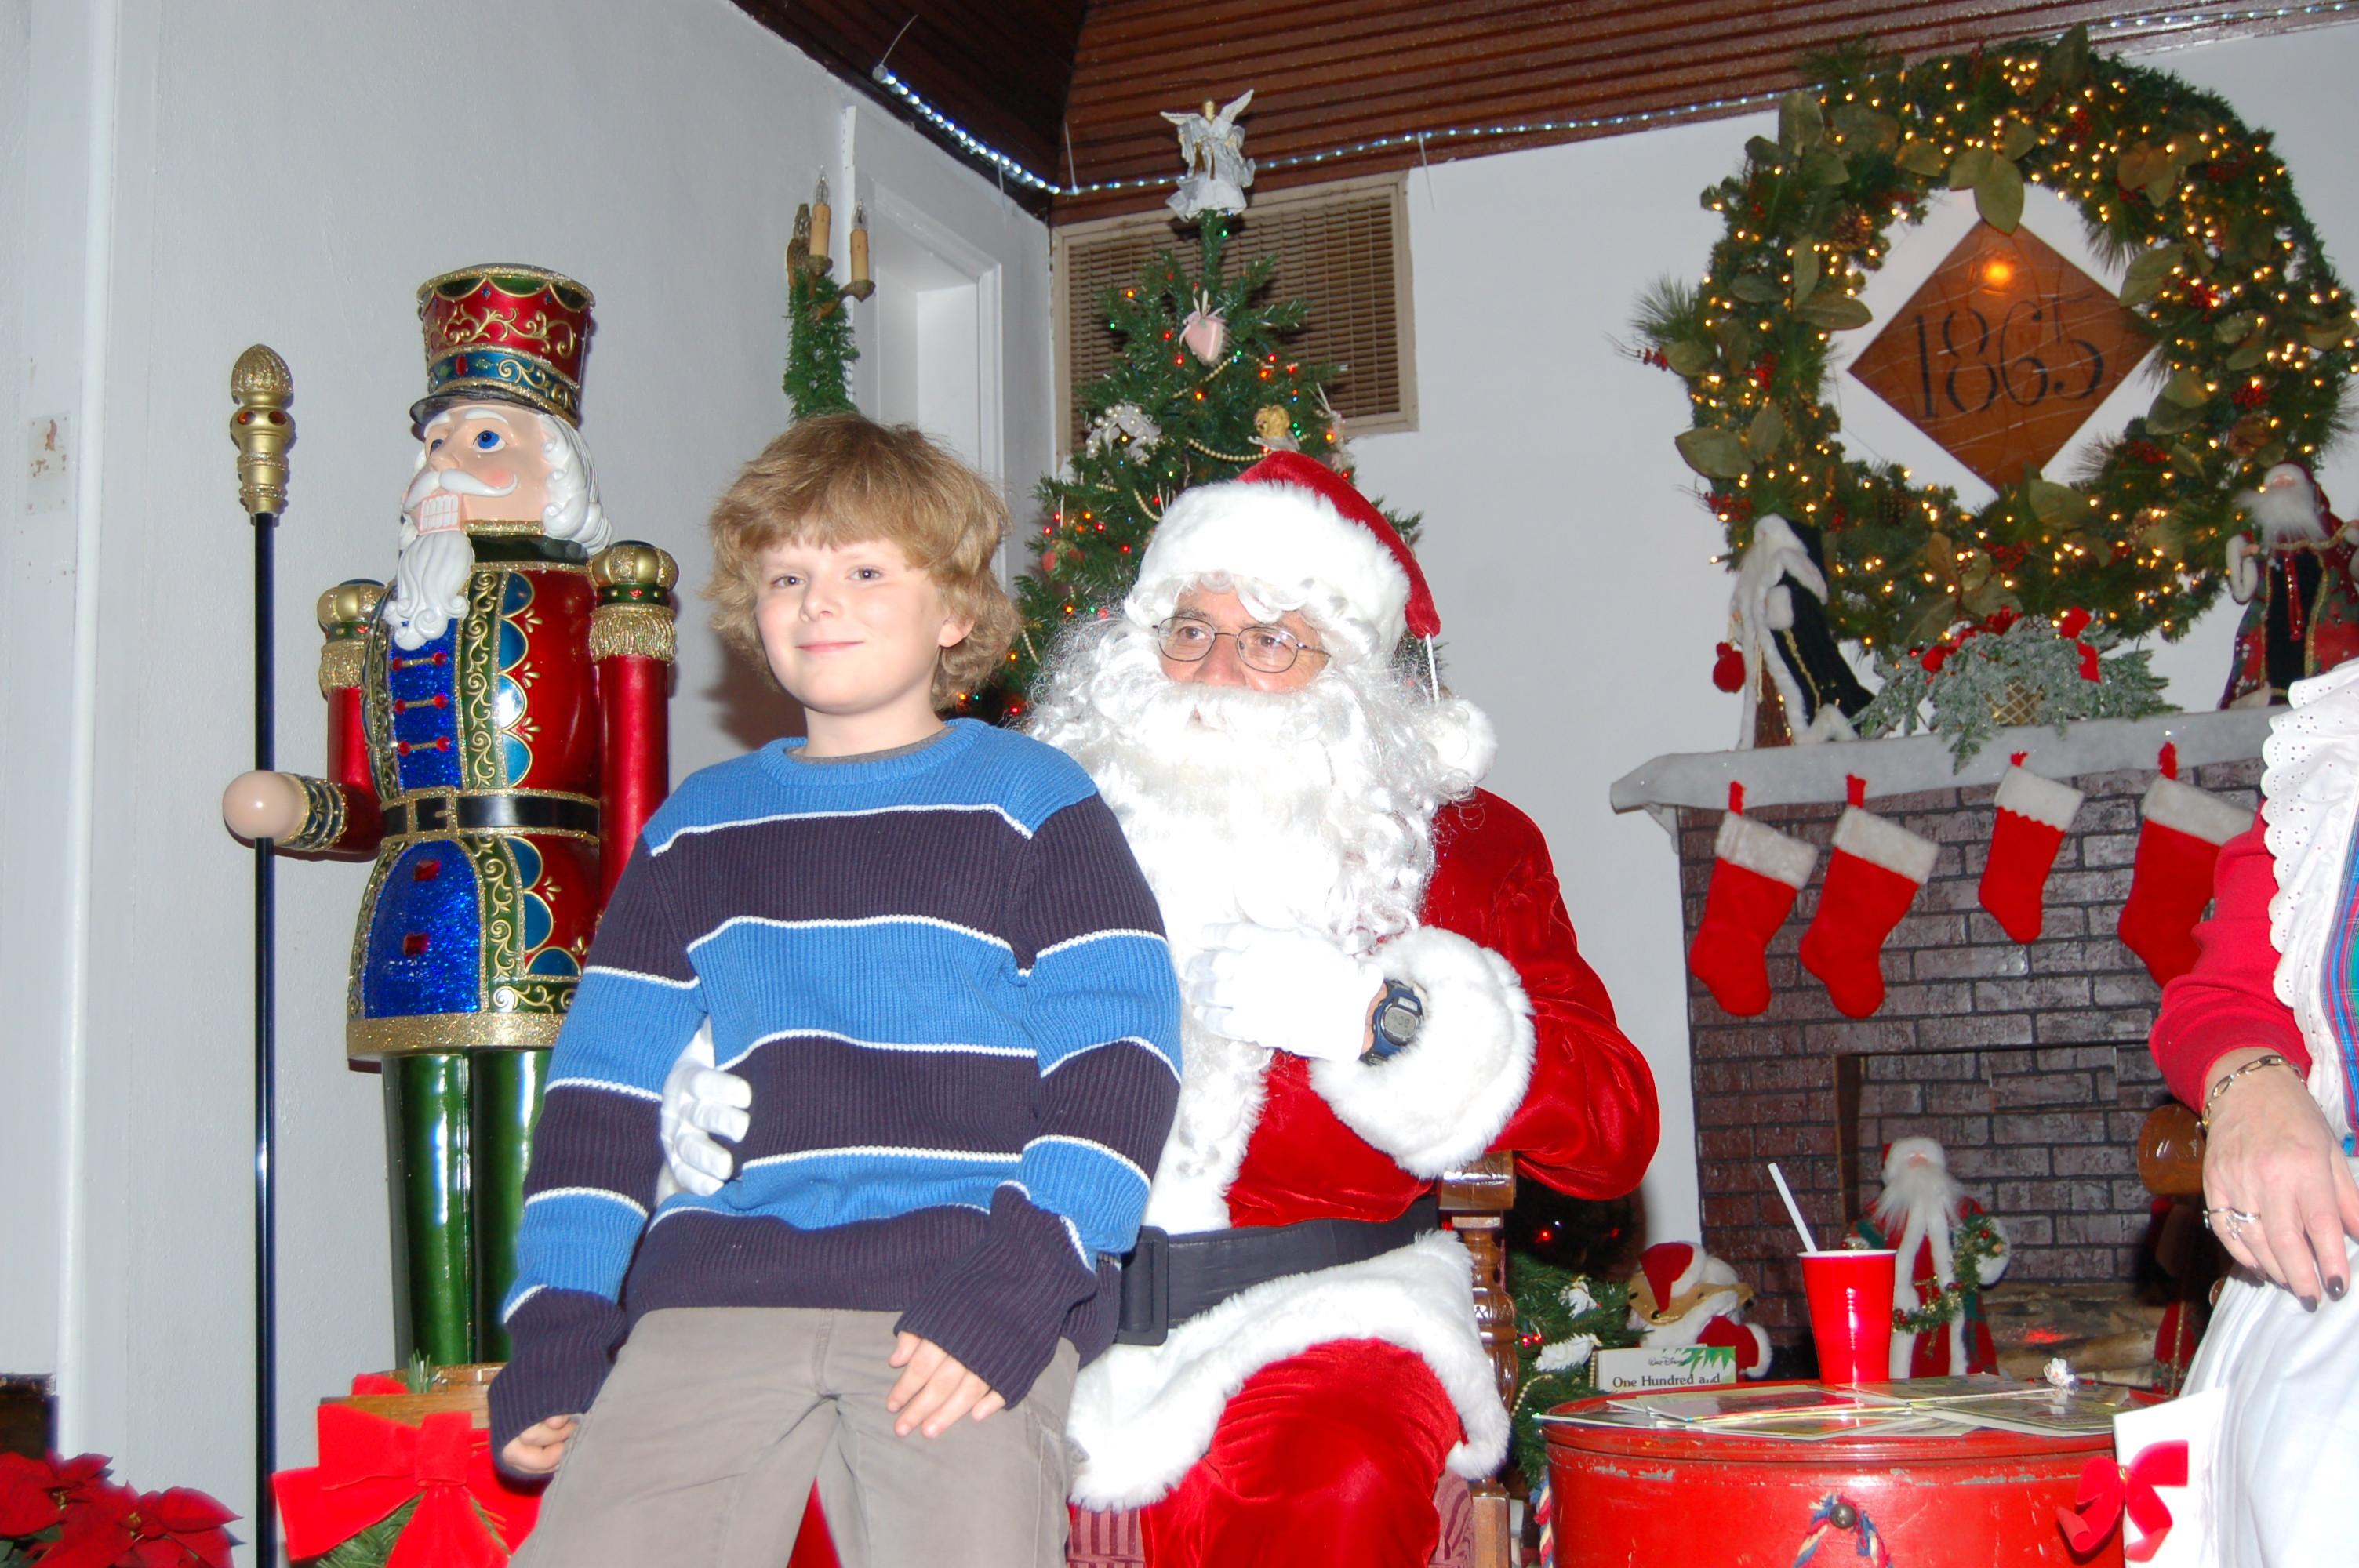 LolliPop+Lane+12-12-2008+Picture+043.jpg